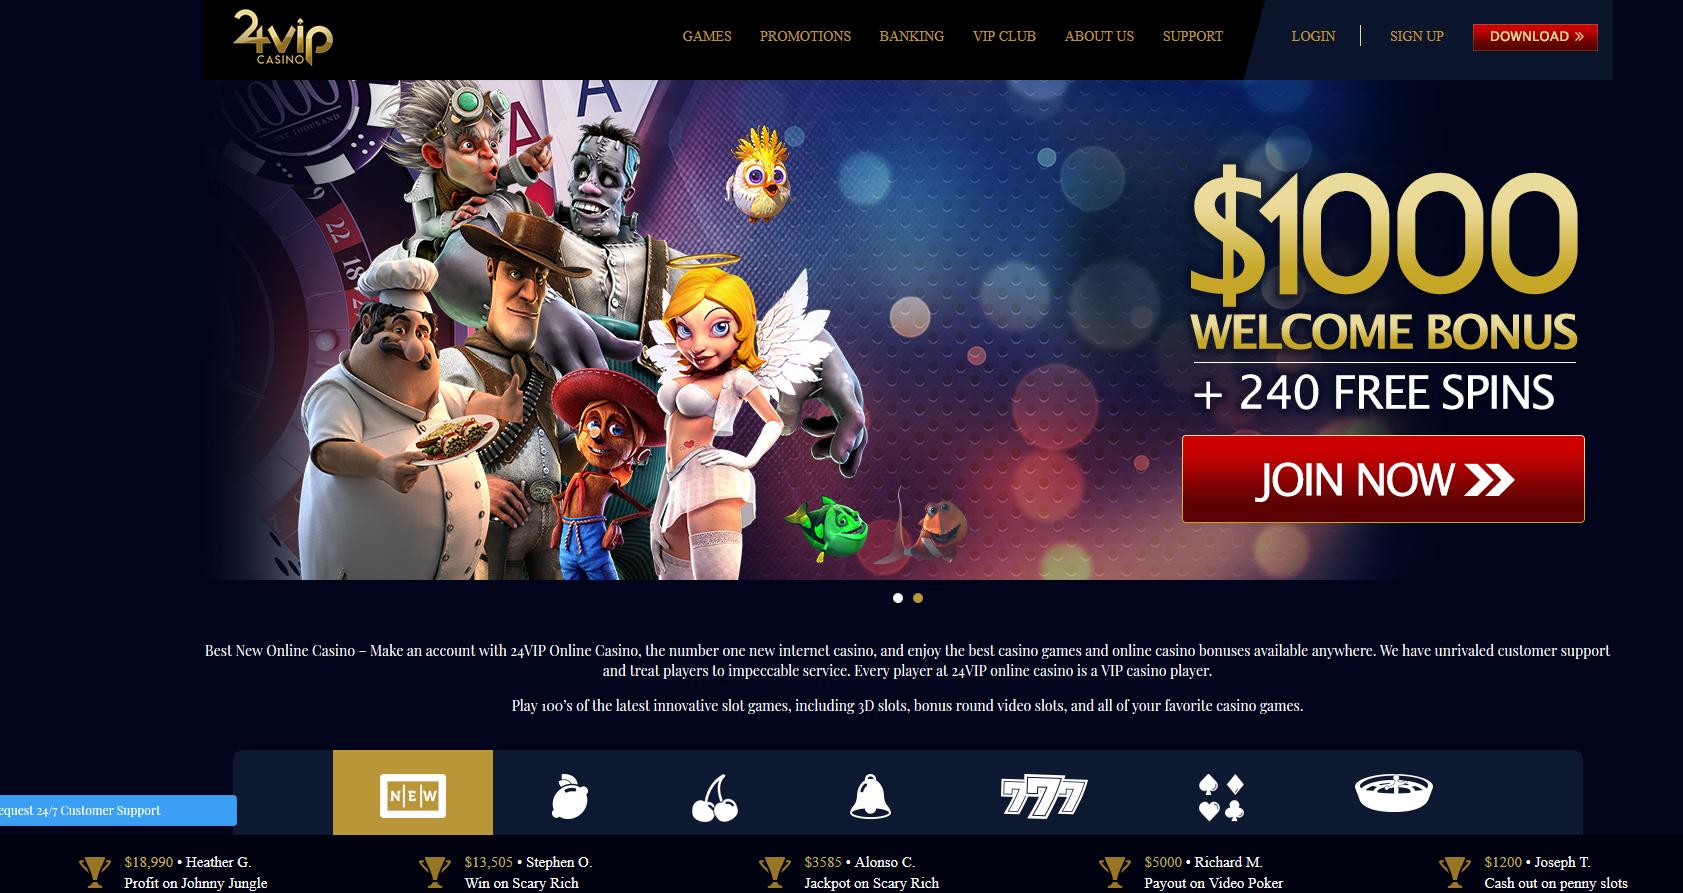 24VIP-Casino-Screenshot